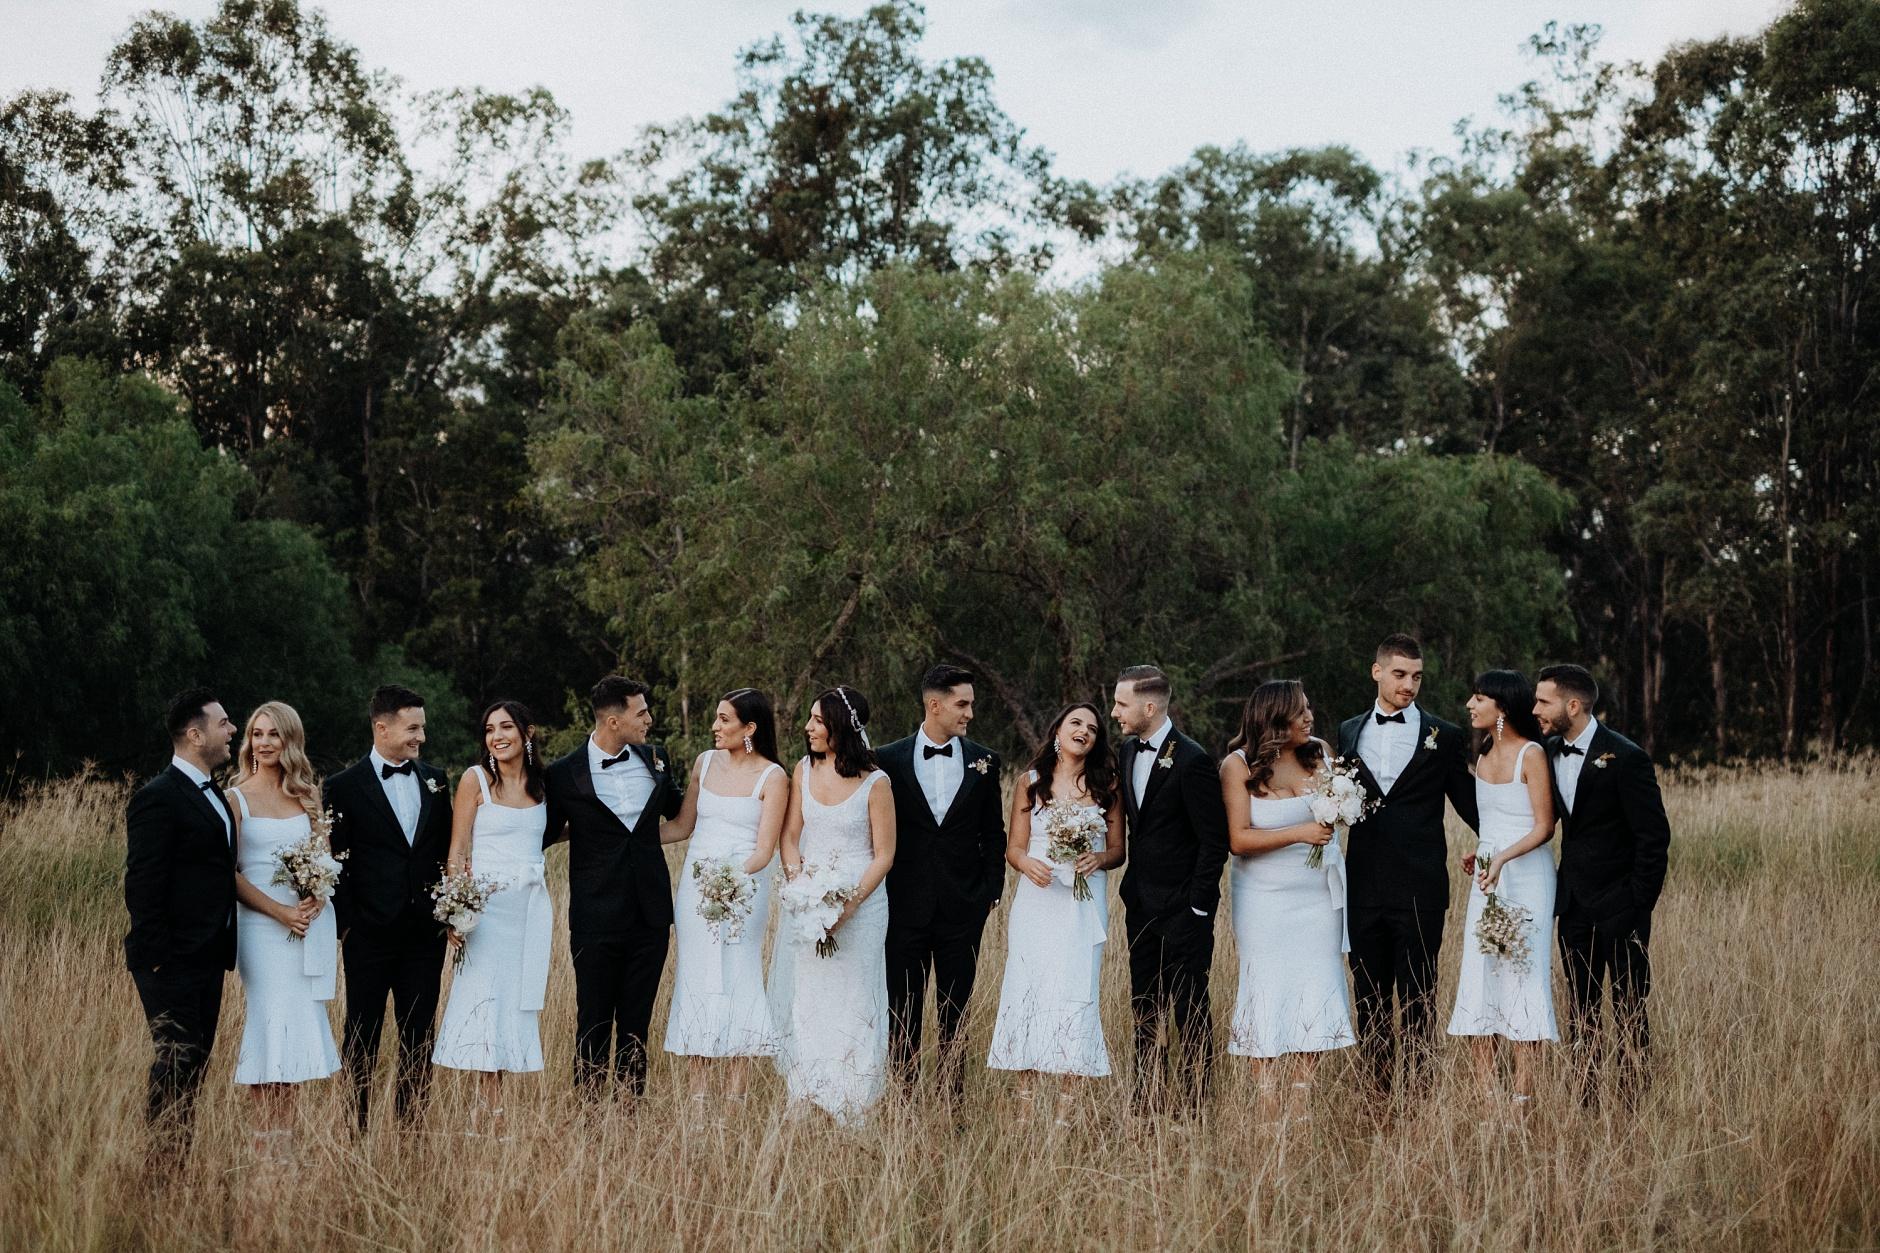 cassandra&cameron0657a_Peppers-Creek-Wedding.jpg